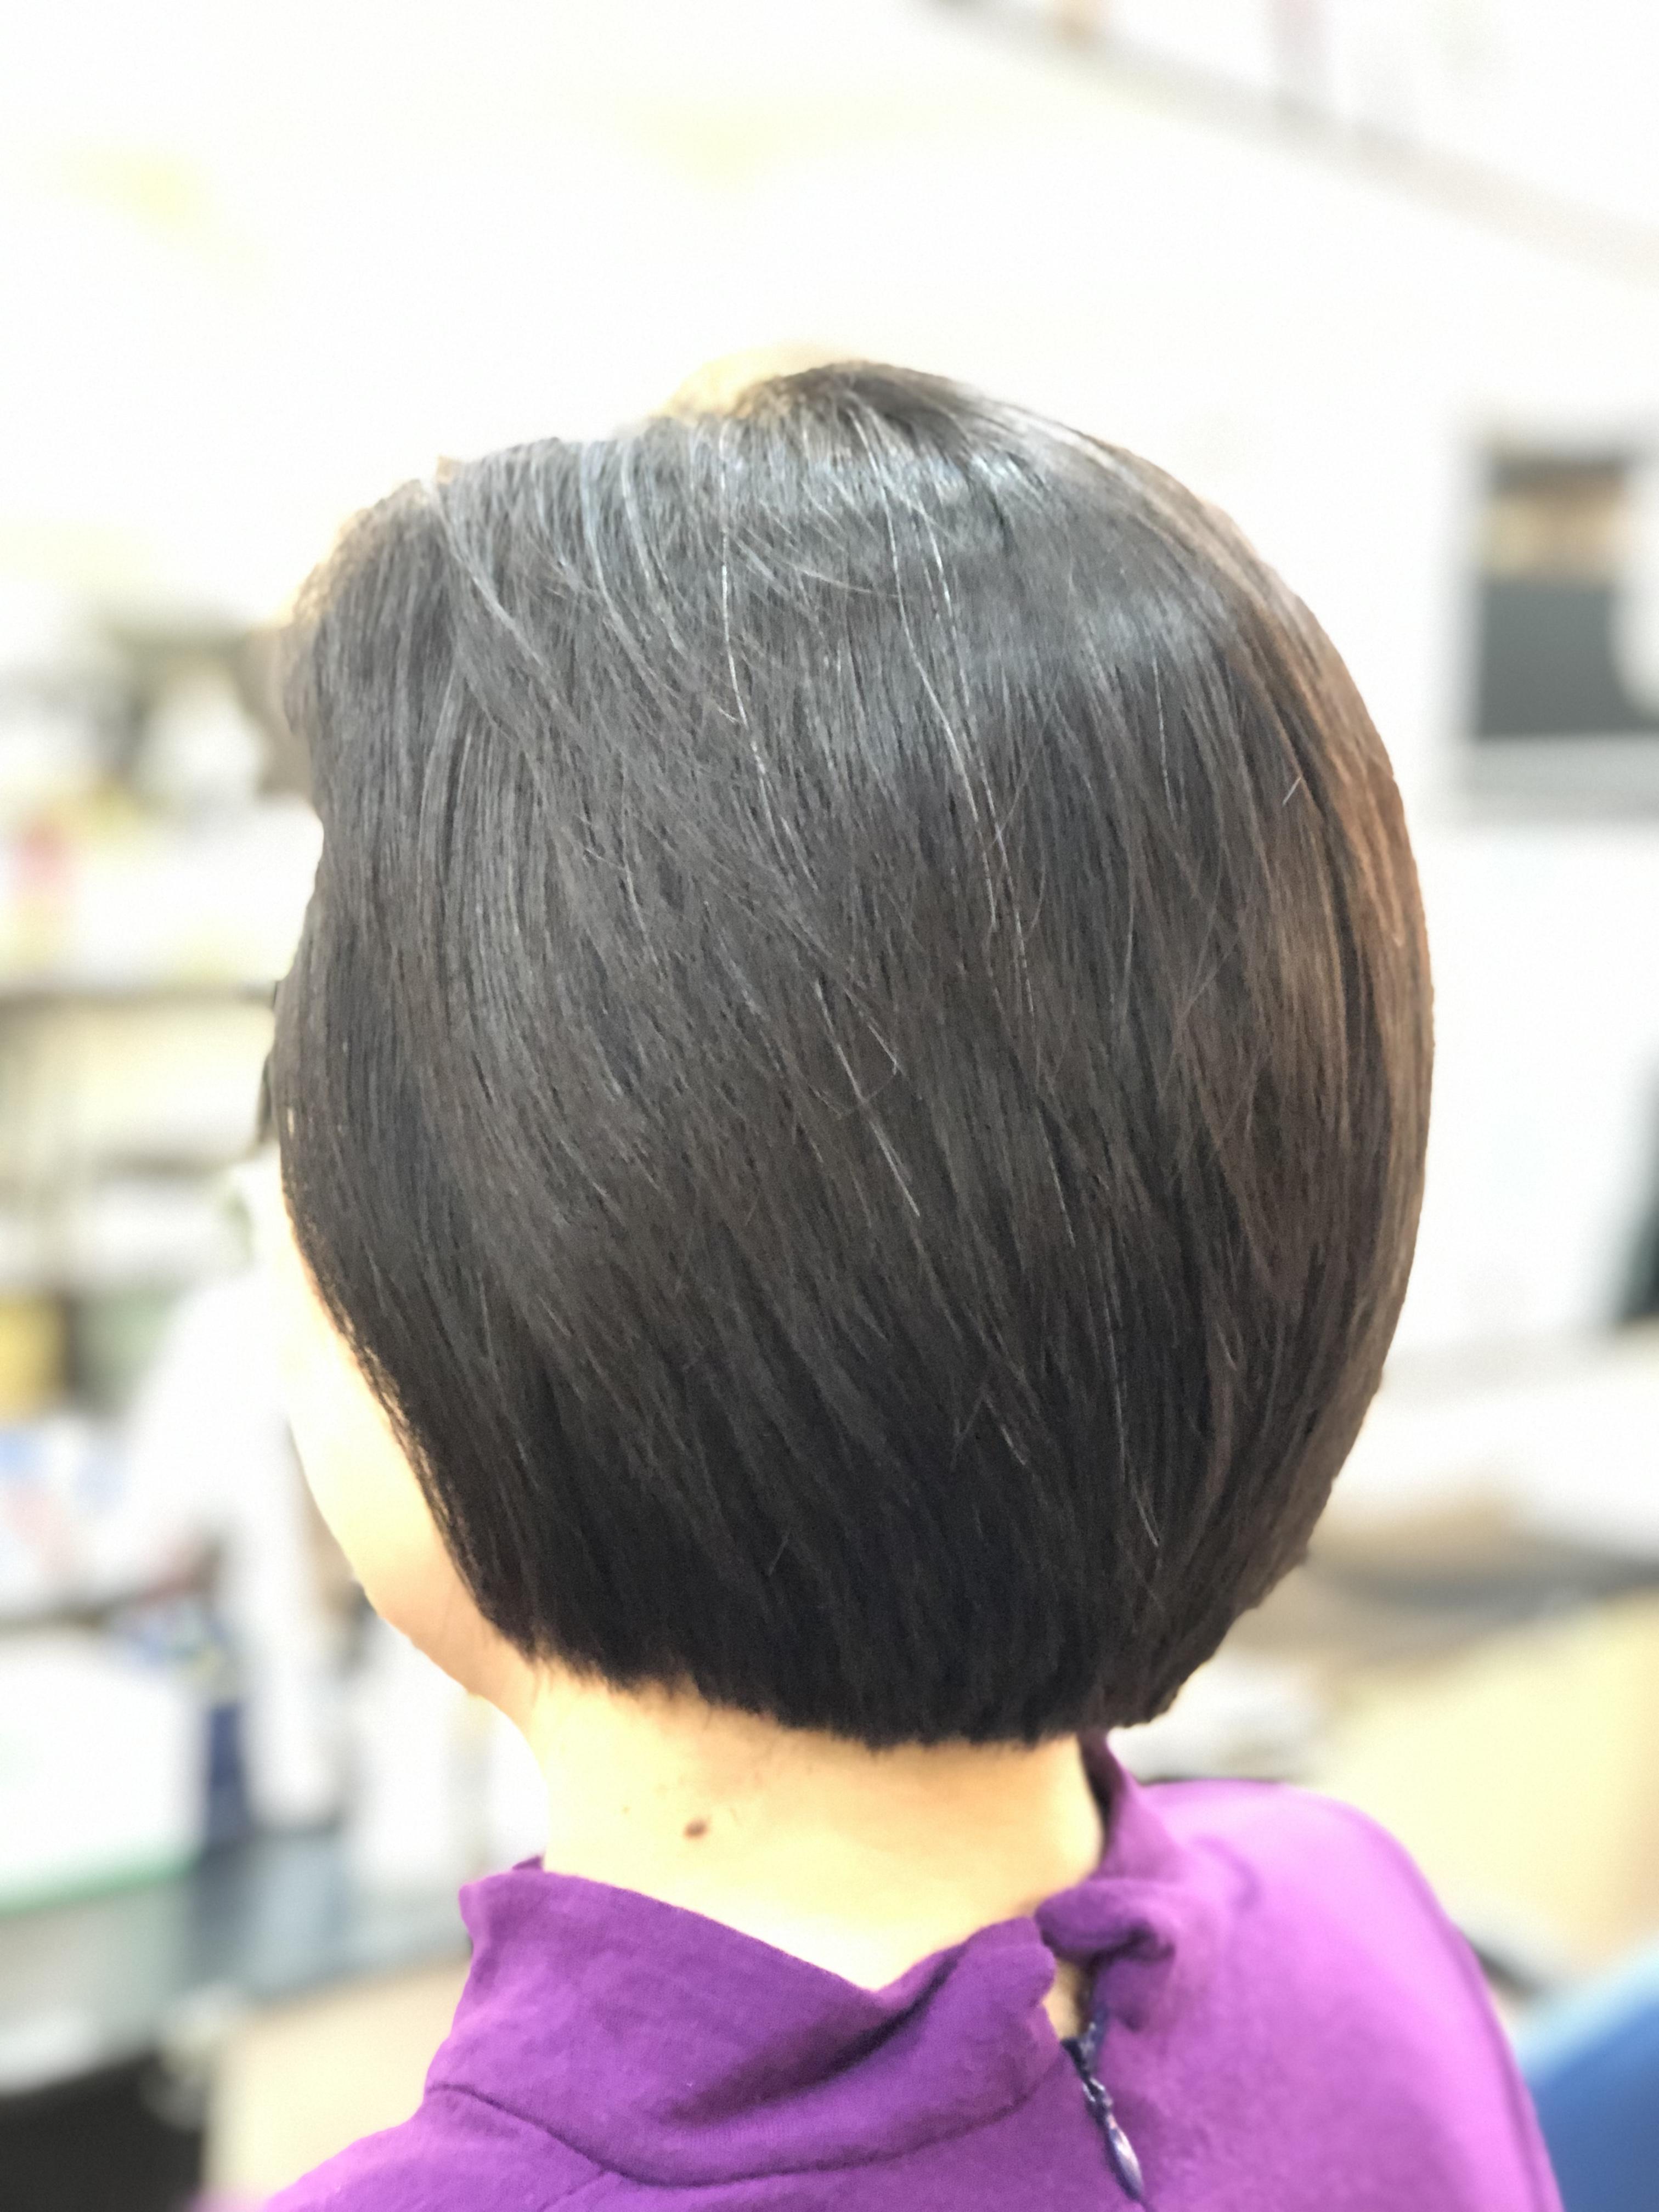 くせ毛の方より直毛の方が難しいかも・・・・